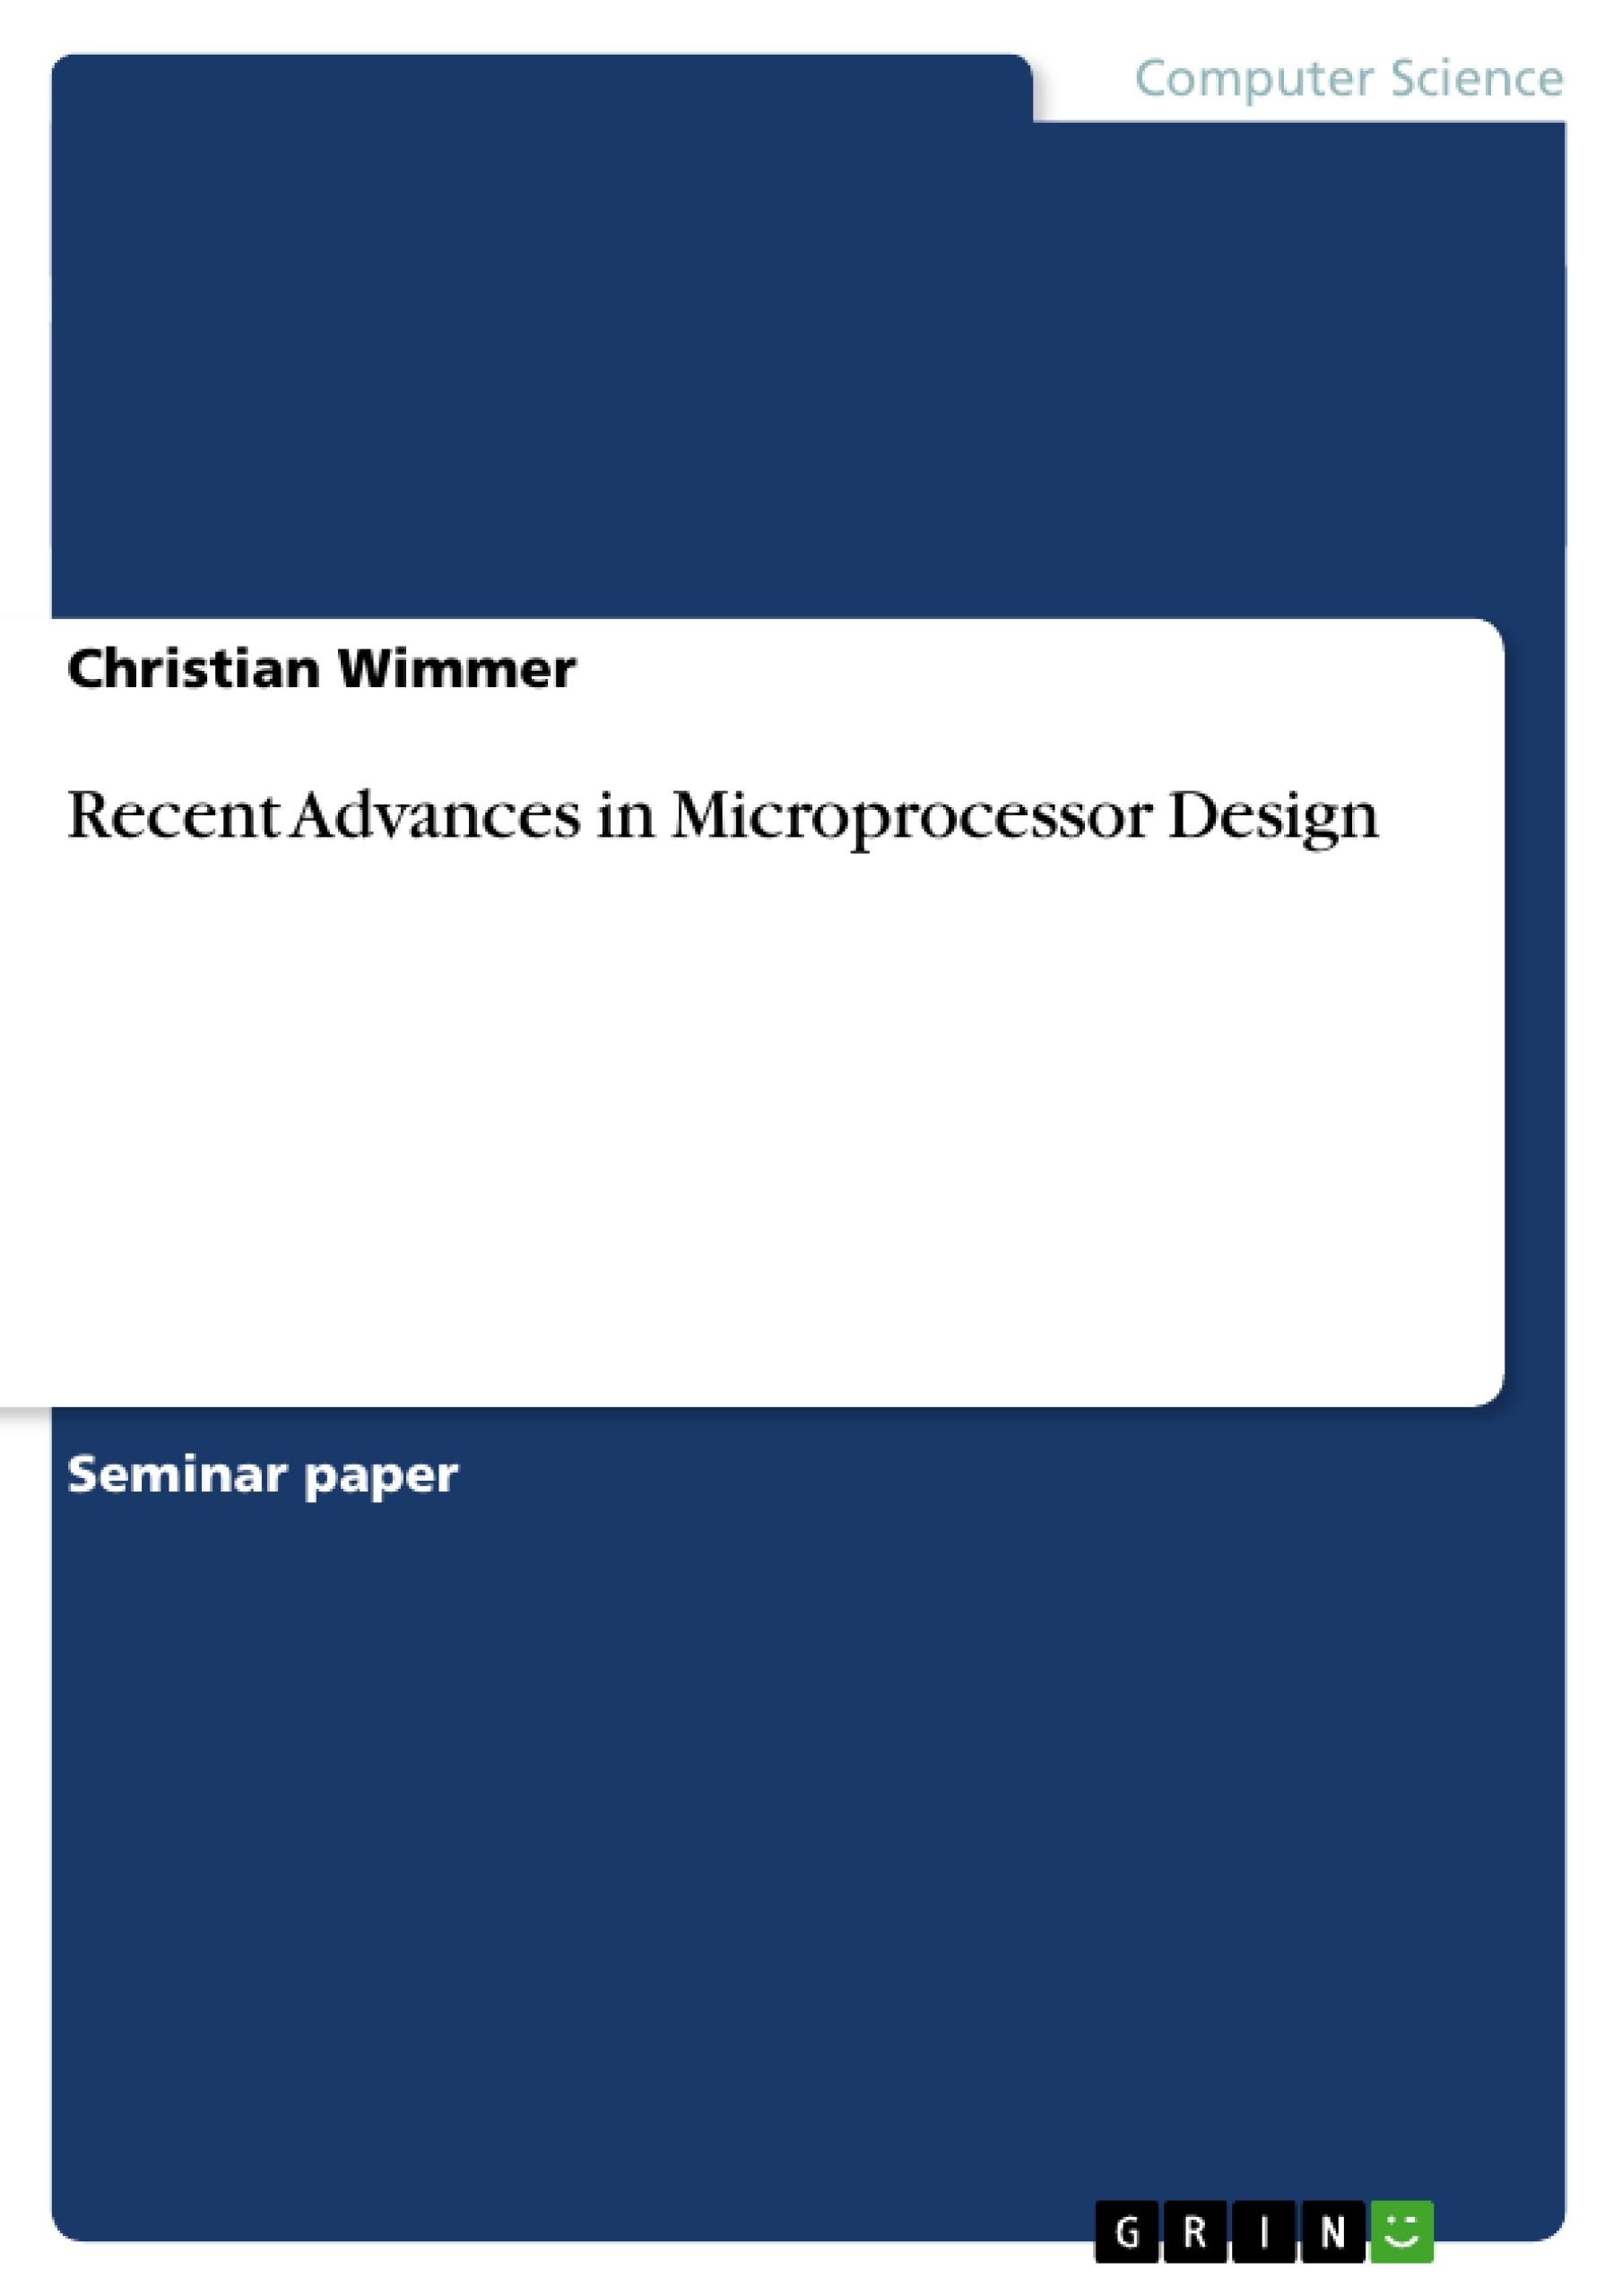 Title: Recent Advances in Microprocessor Design